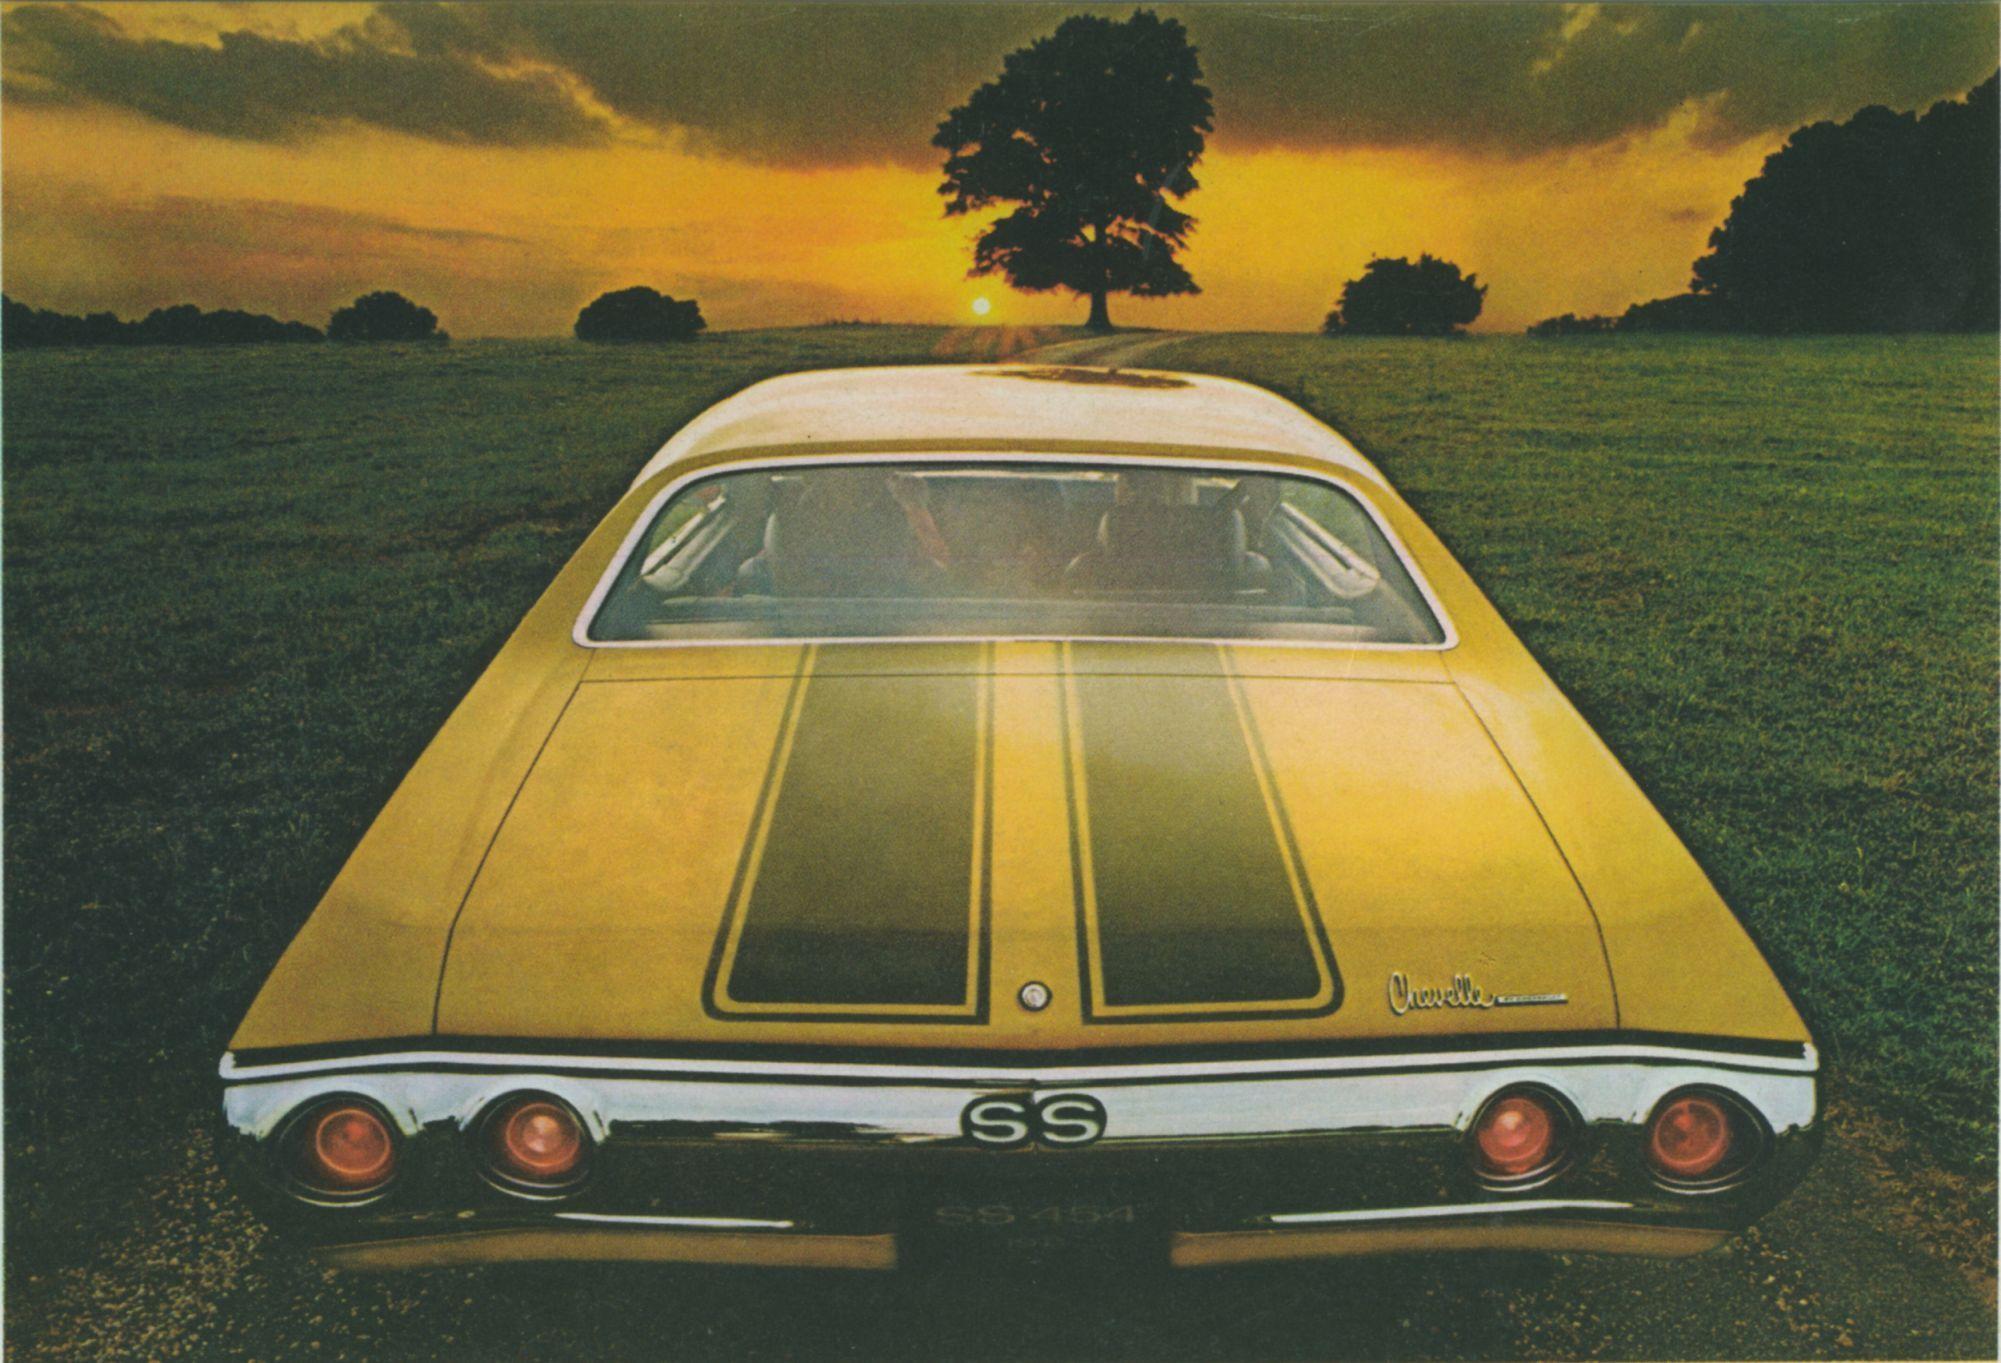 1971 Chevrolet Chevrolet Chevelle